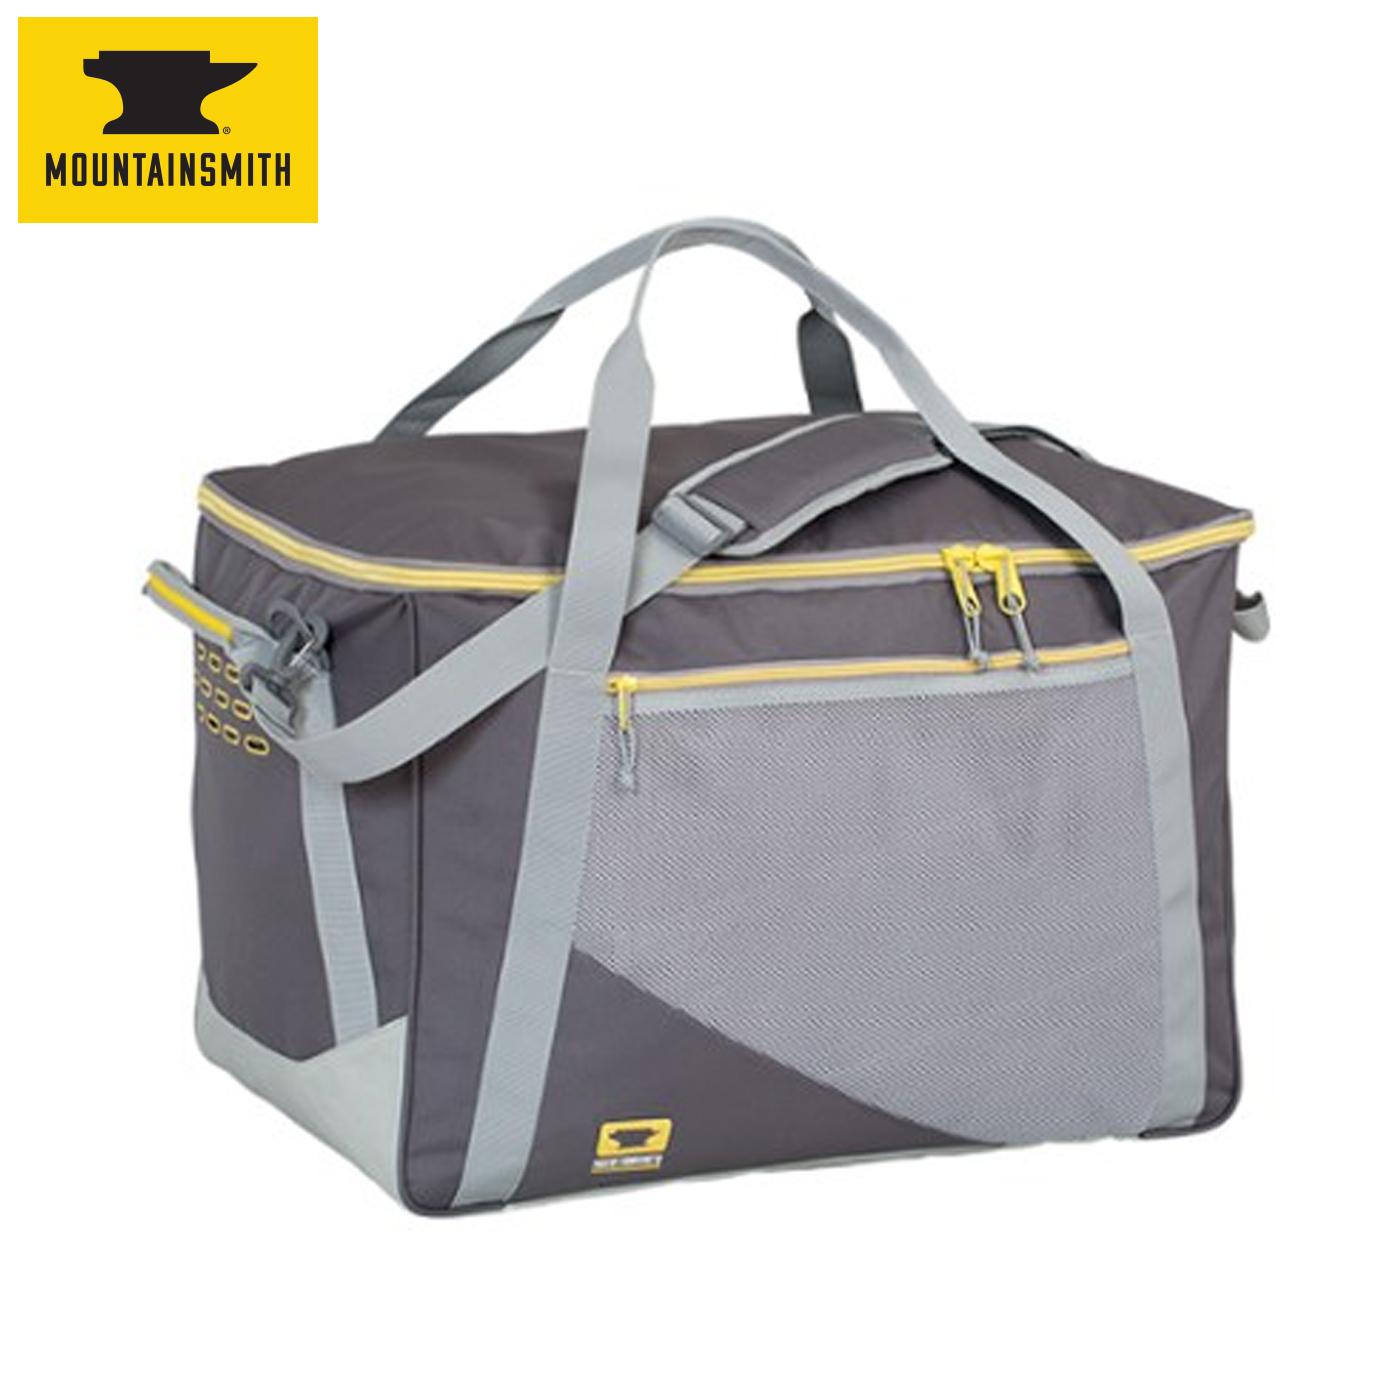 product: ZIP TOP HAULER / color: GREY 2